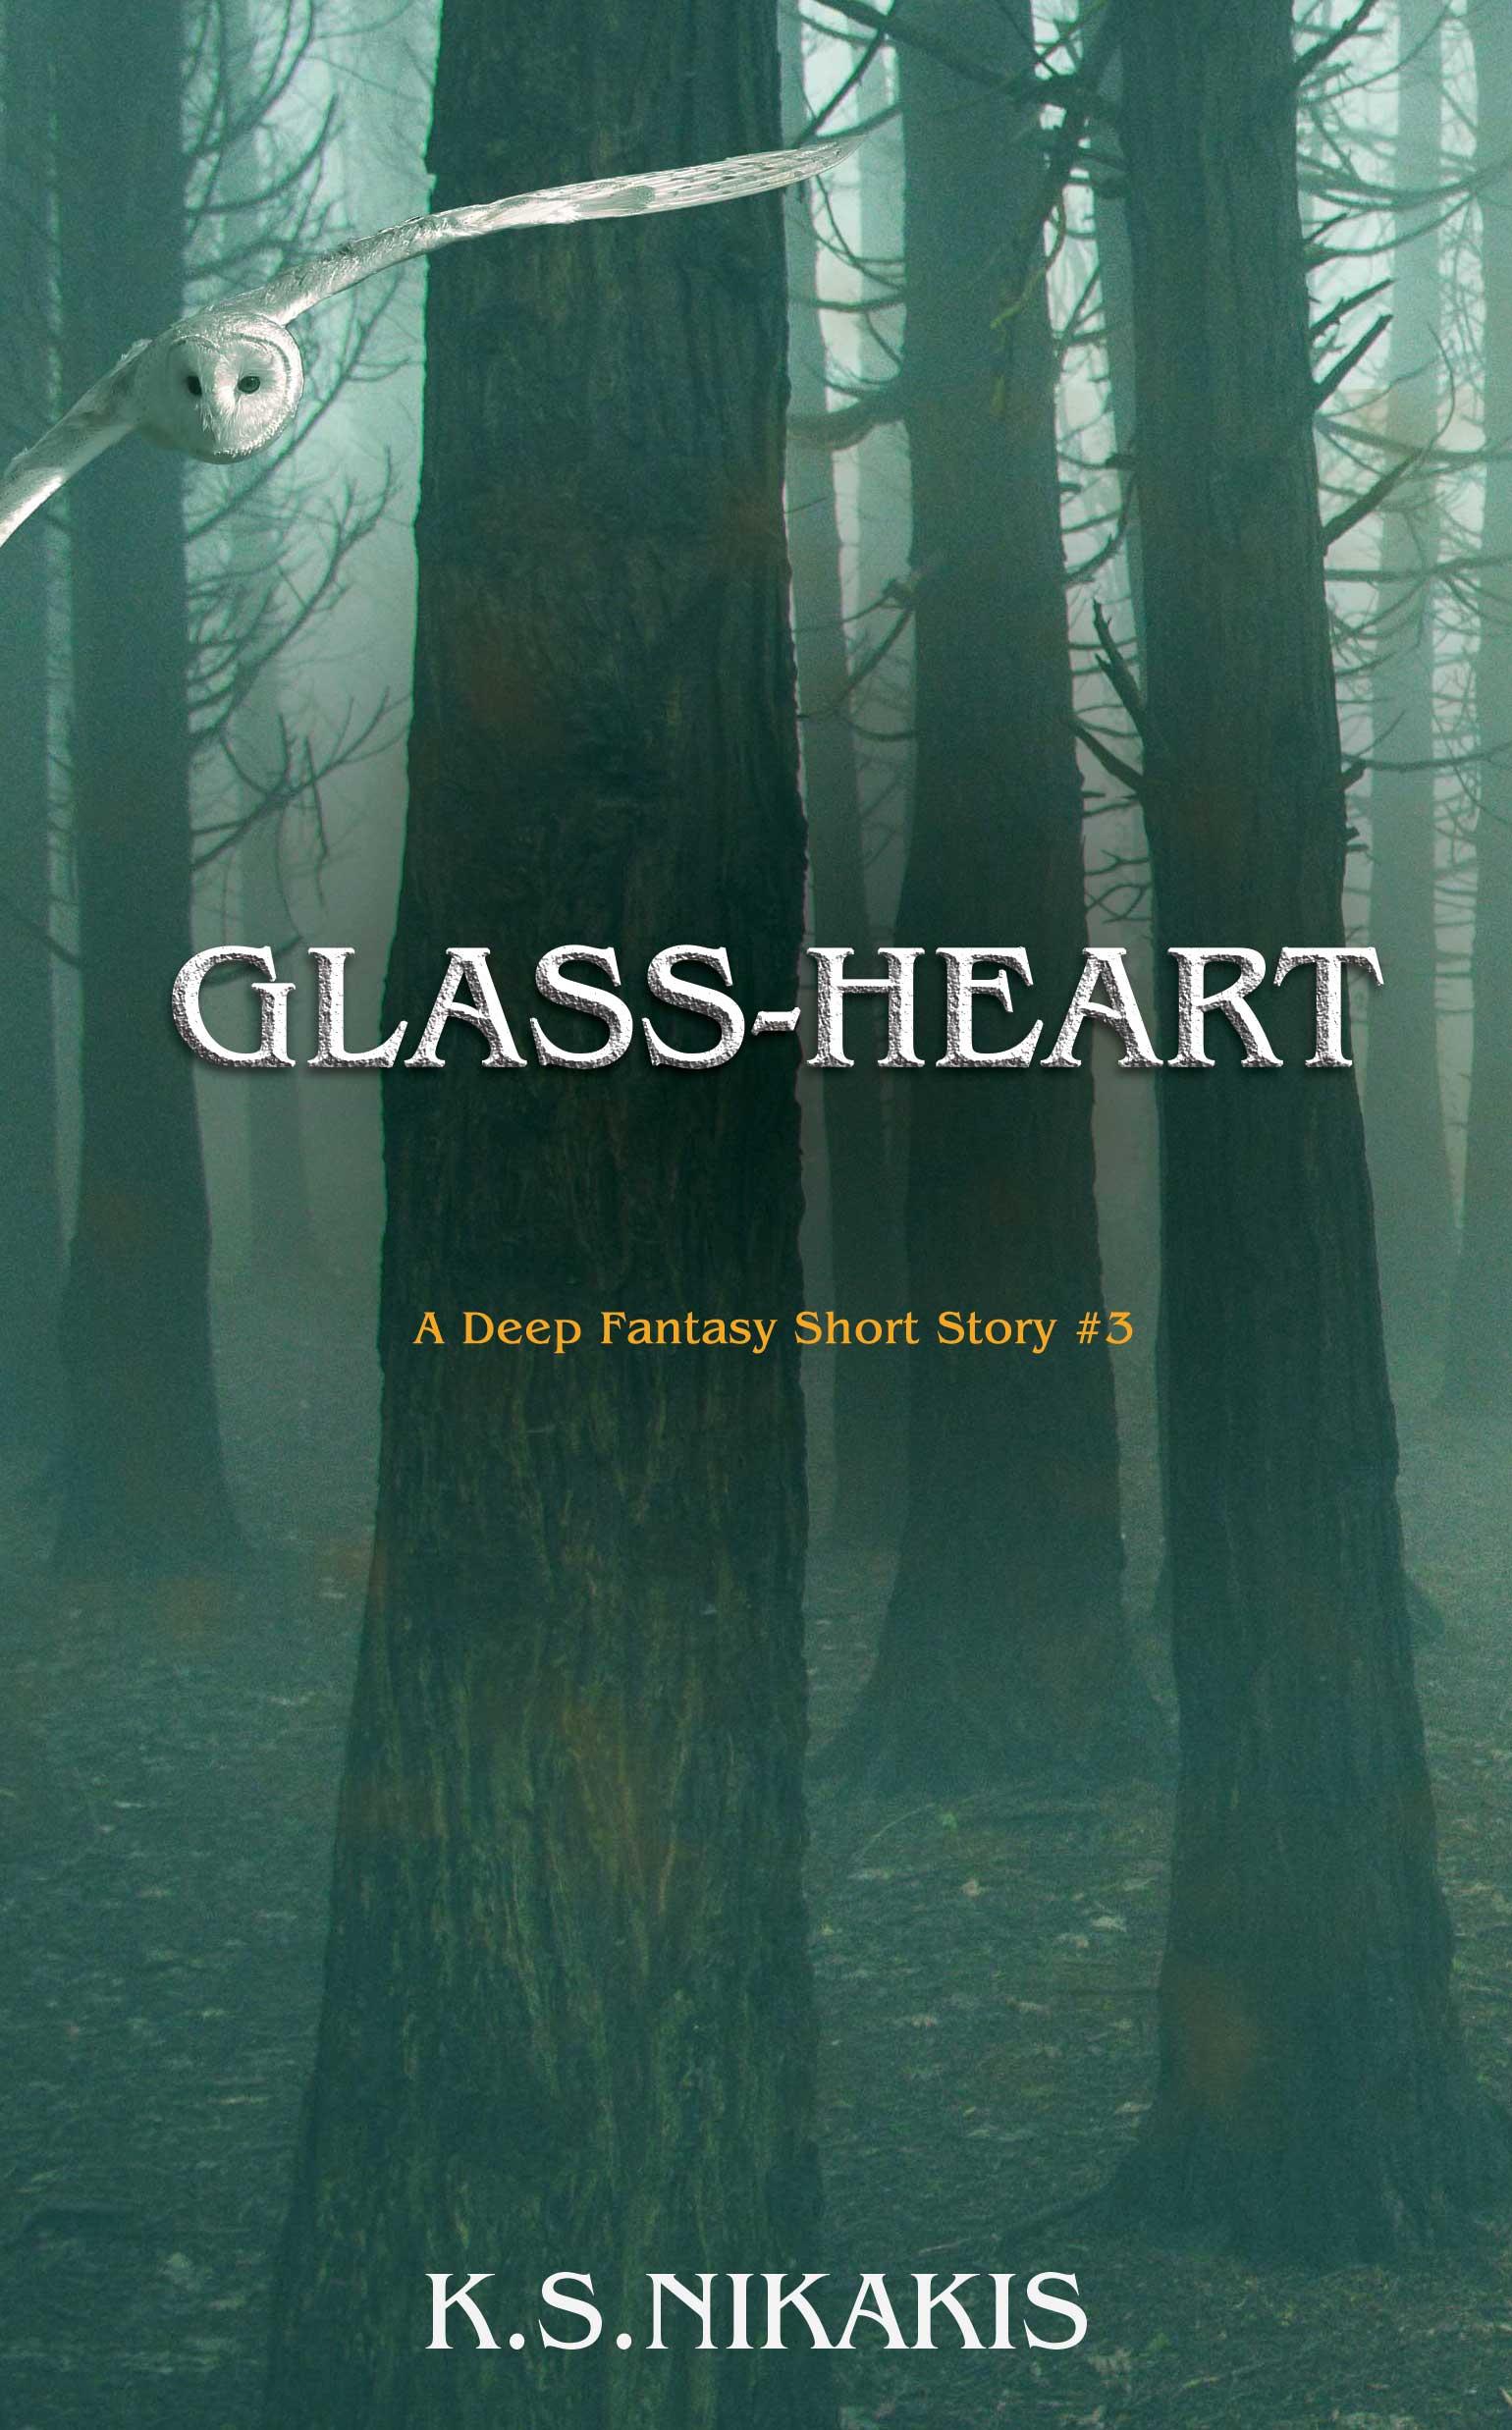 short-story-GlassHeart-03.jpg